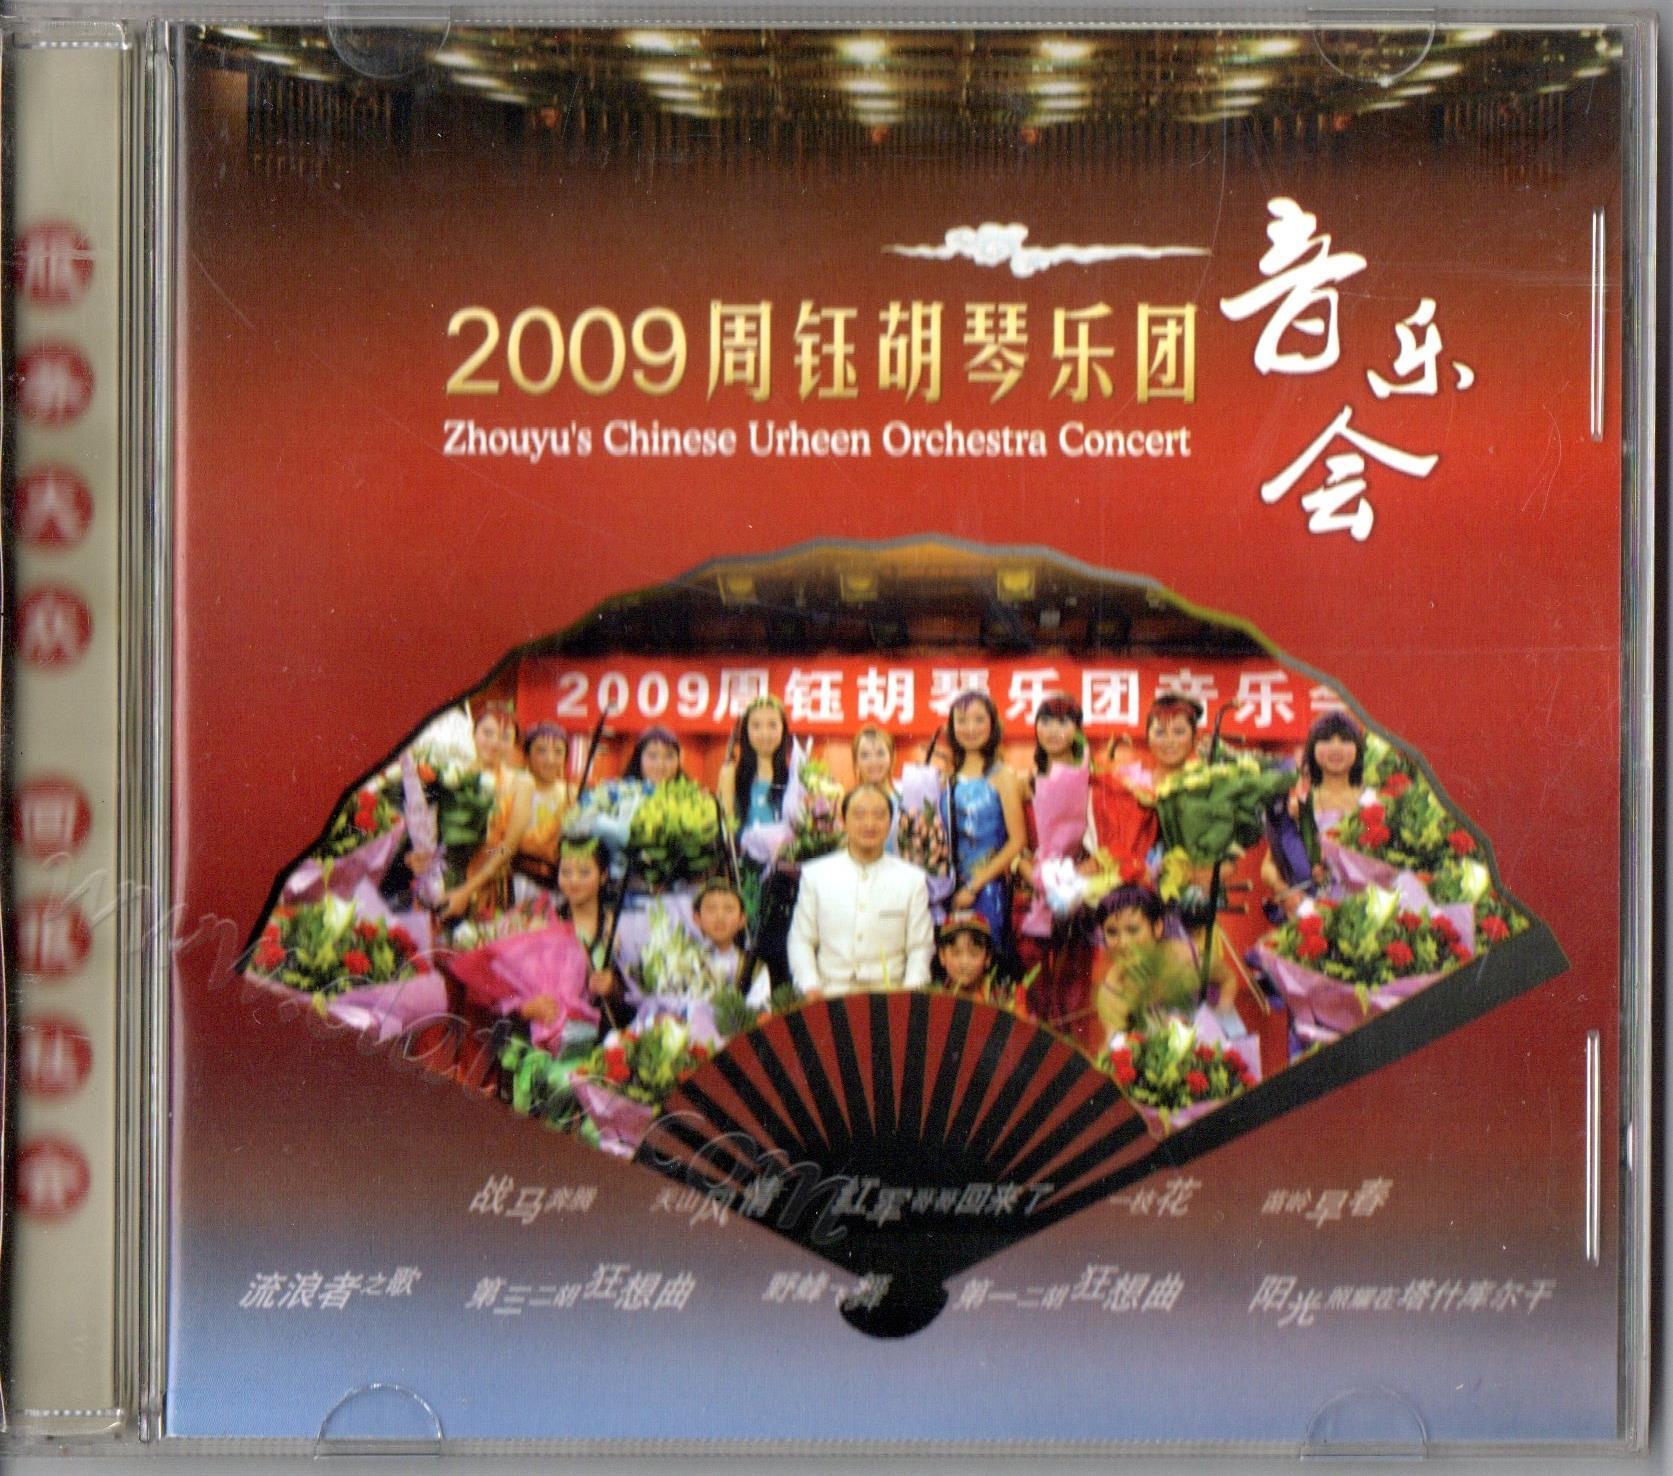 DVD2009周钰胡琴乐团音乐会